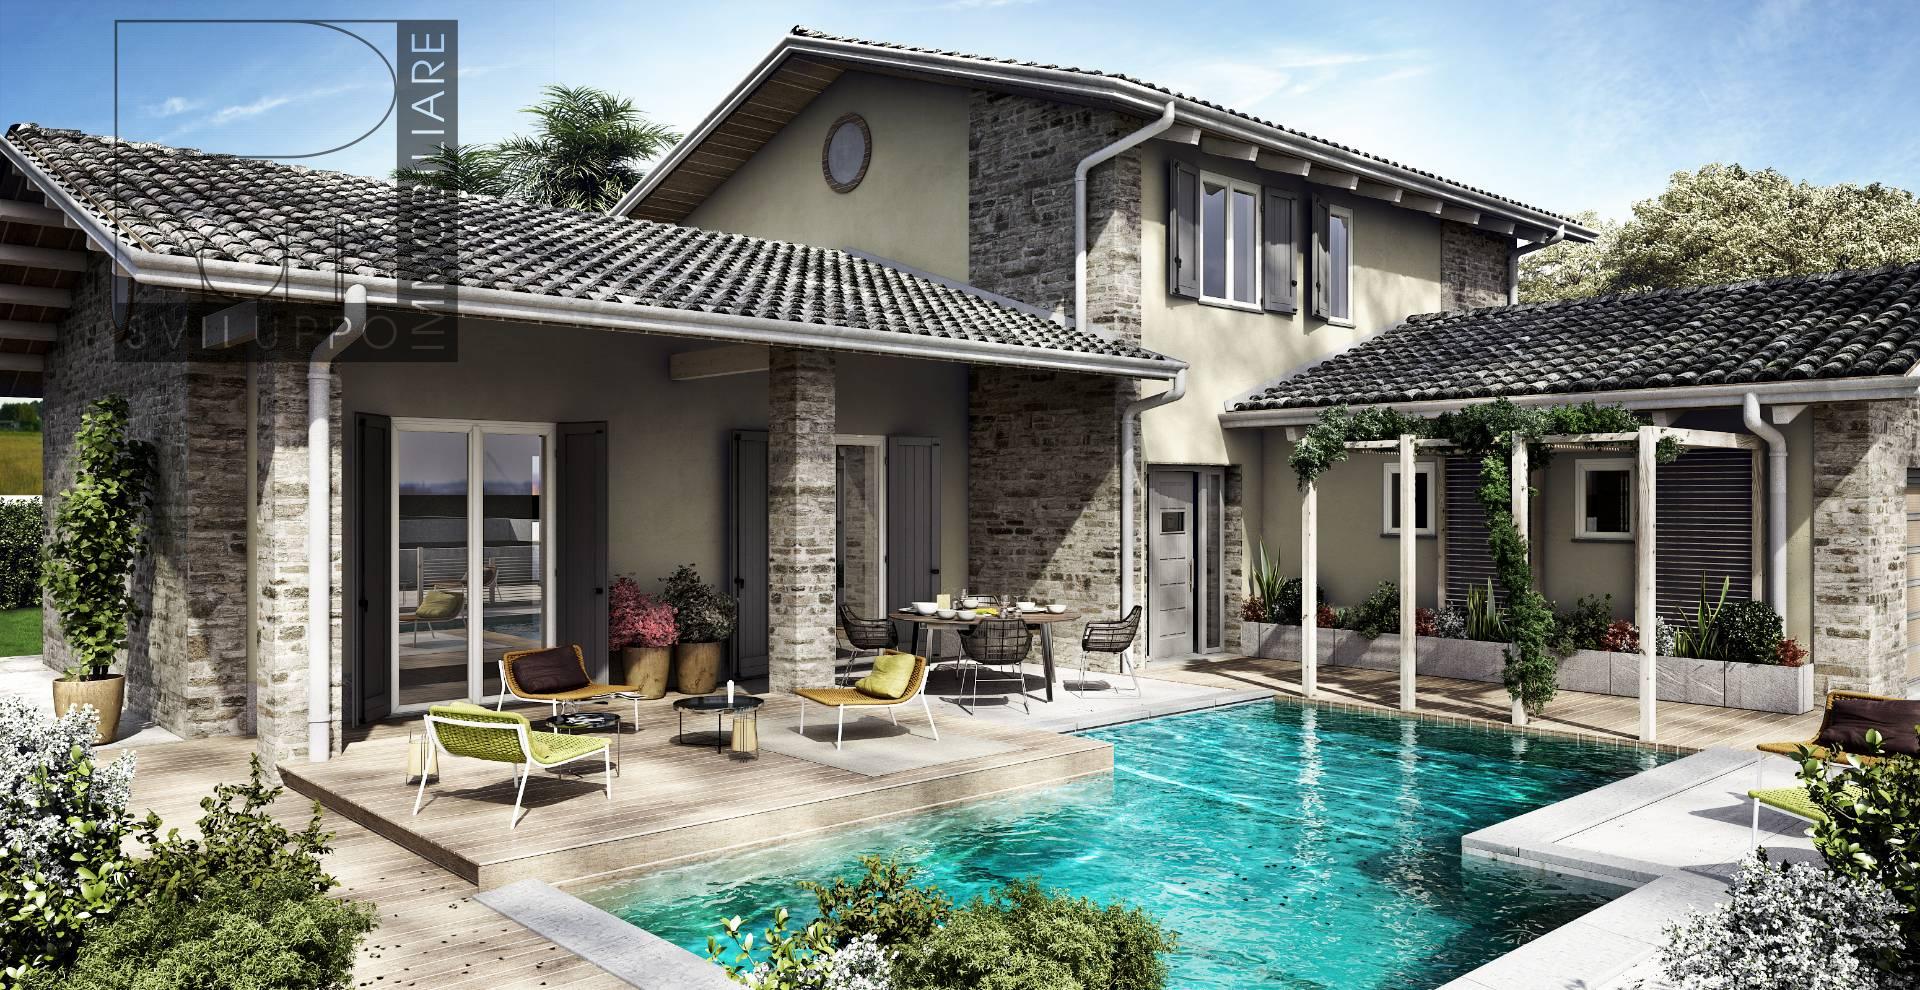 Villa in vendita a spino d 39 adda cod cc 2 villa one for Mercatone dell arredamento spino d adda